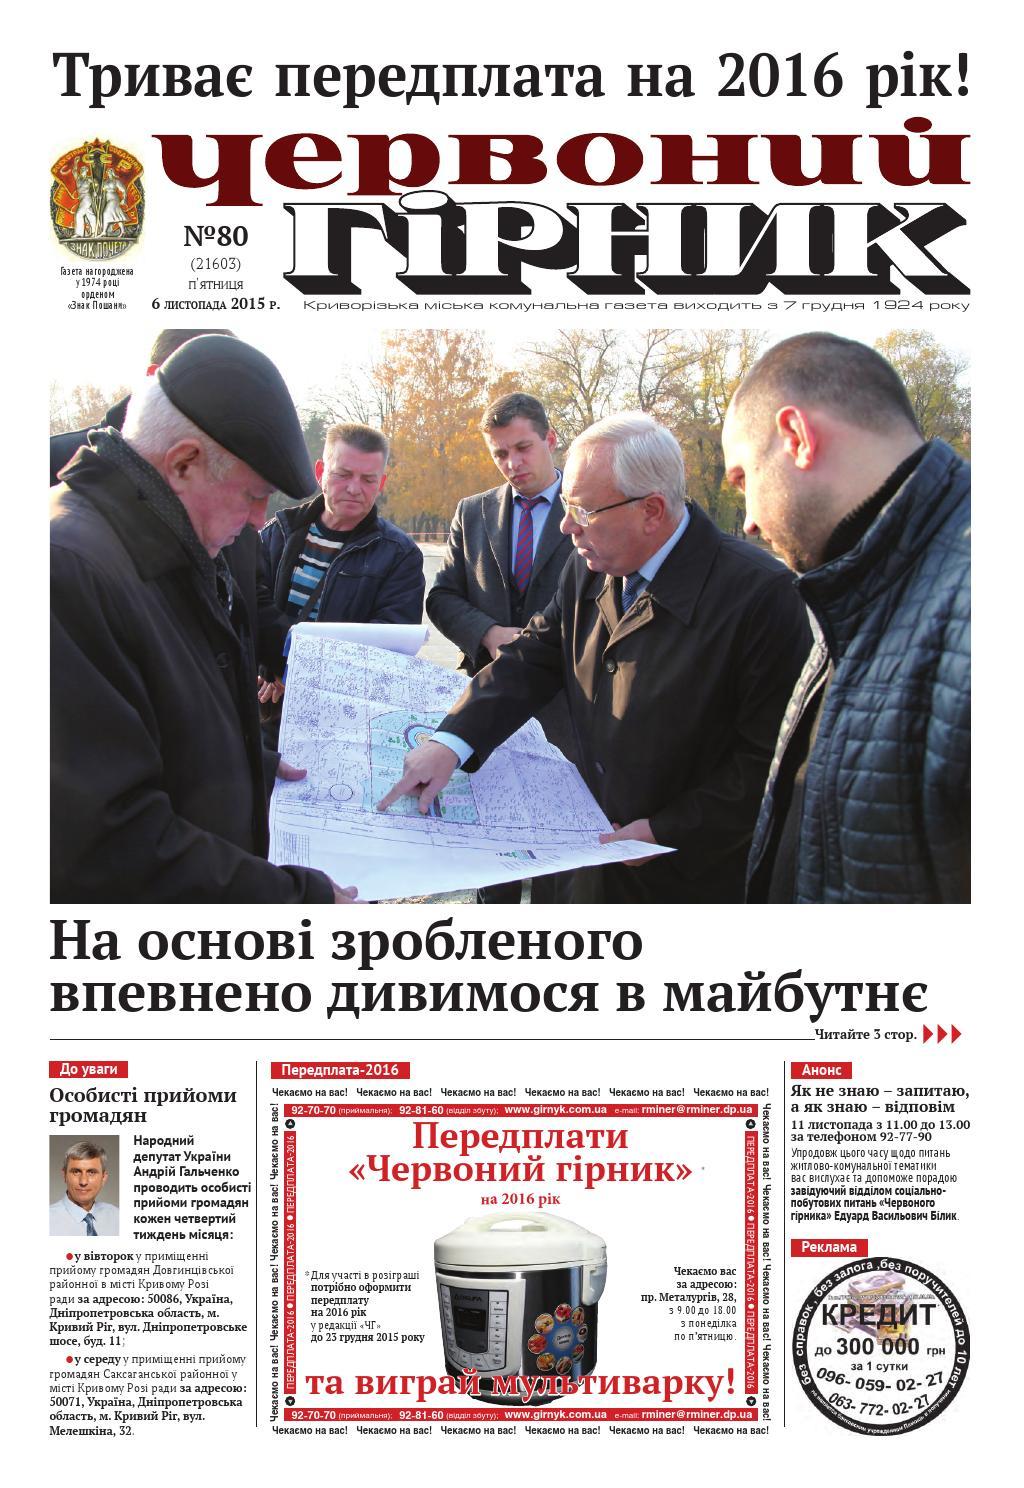 Червоний гірник №80 (21603) 6 листопада 2015 року by The newspaper